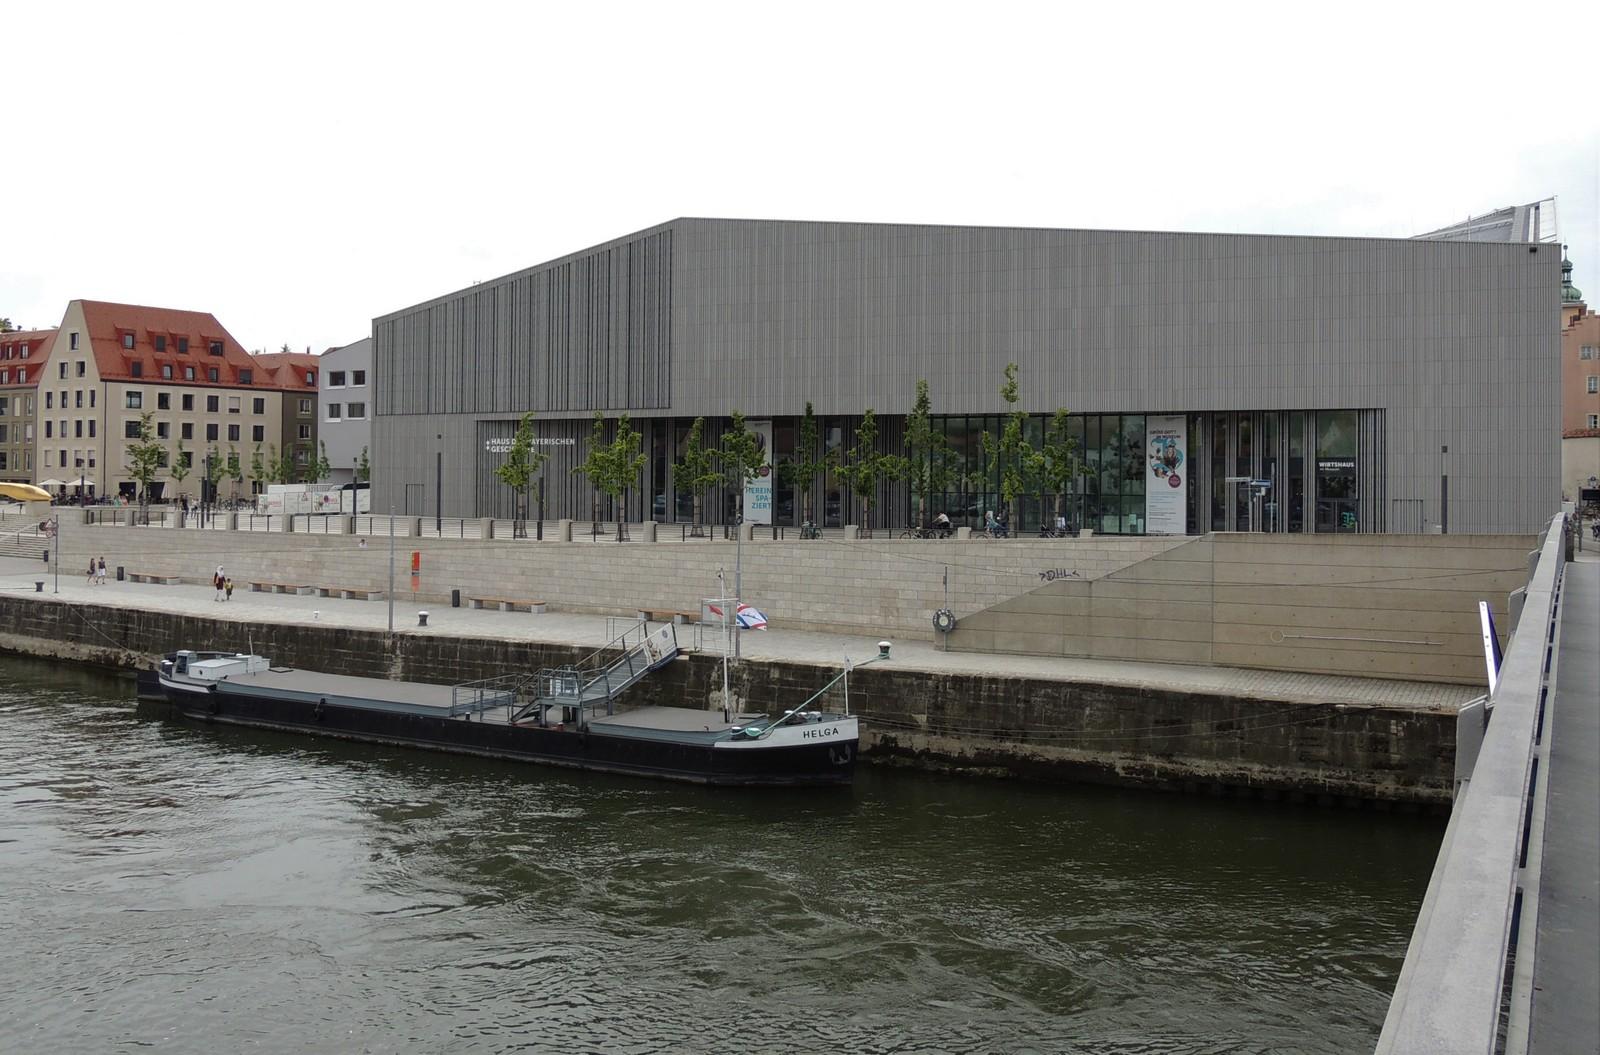 Regensburg - Haus der Bayerischen Geschichte - Museum